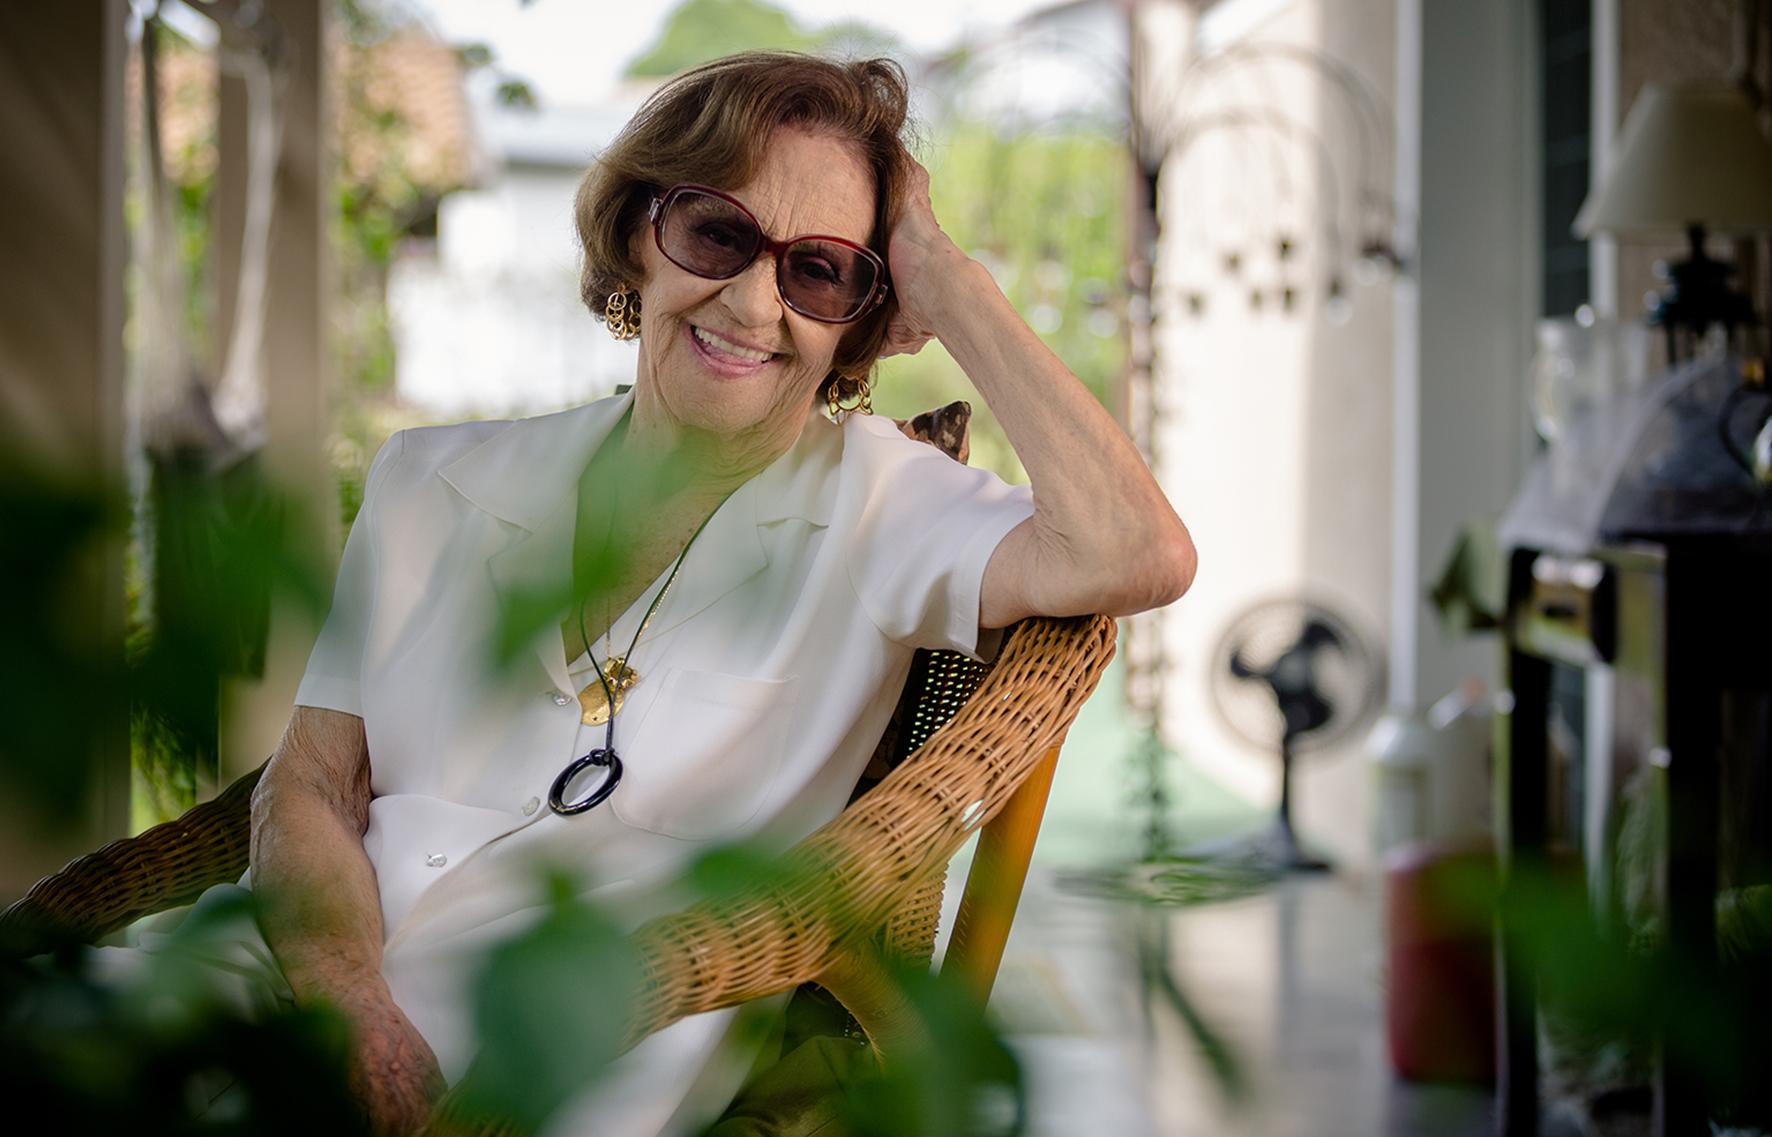 Laura Cardoso é convidada do Camarim em Cena e conversa com o público sobre os bastidores do teatro - Foto de André Seiti